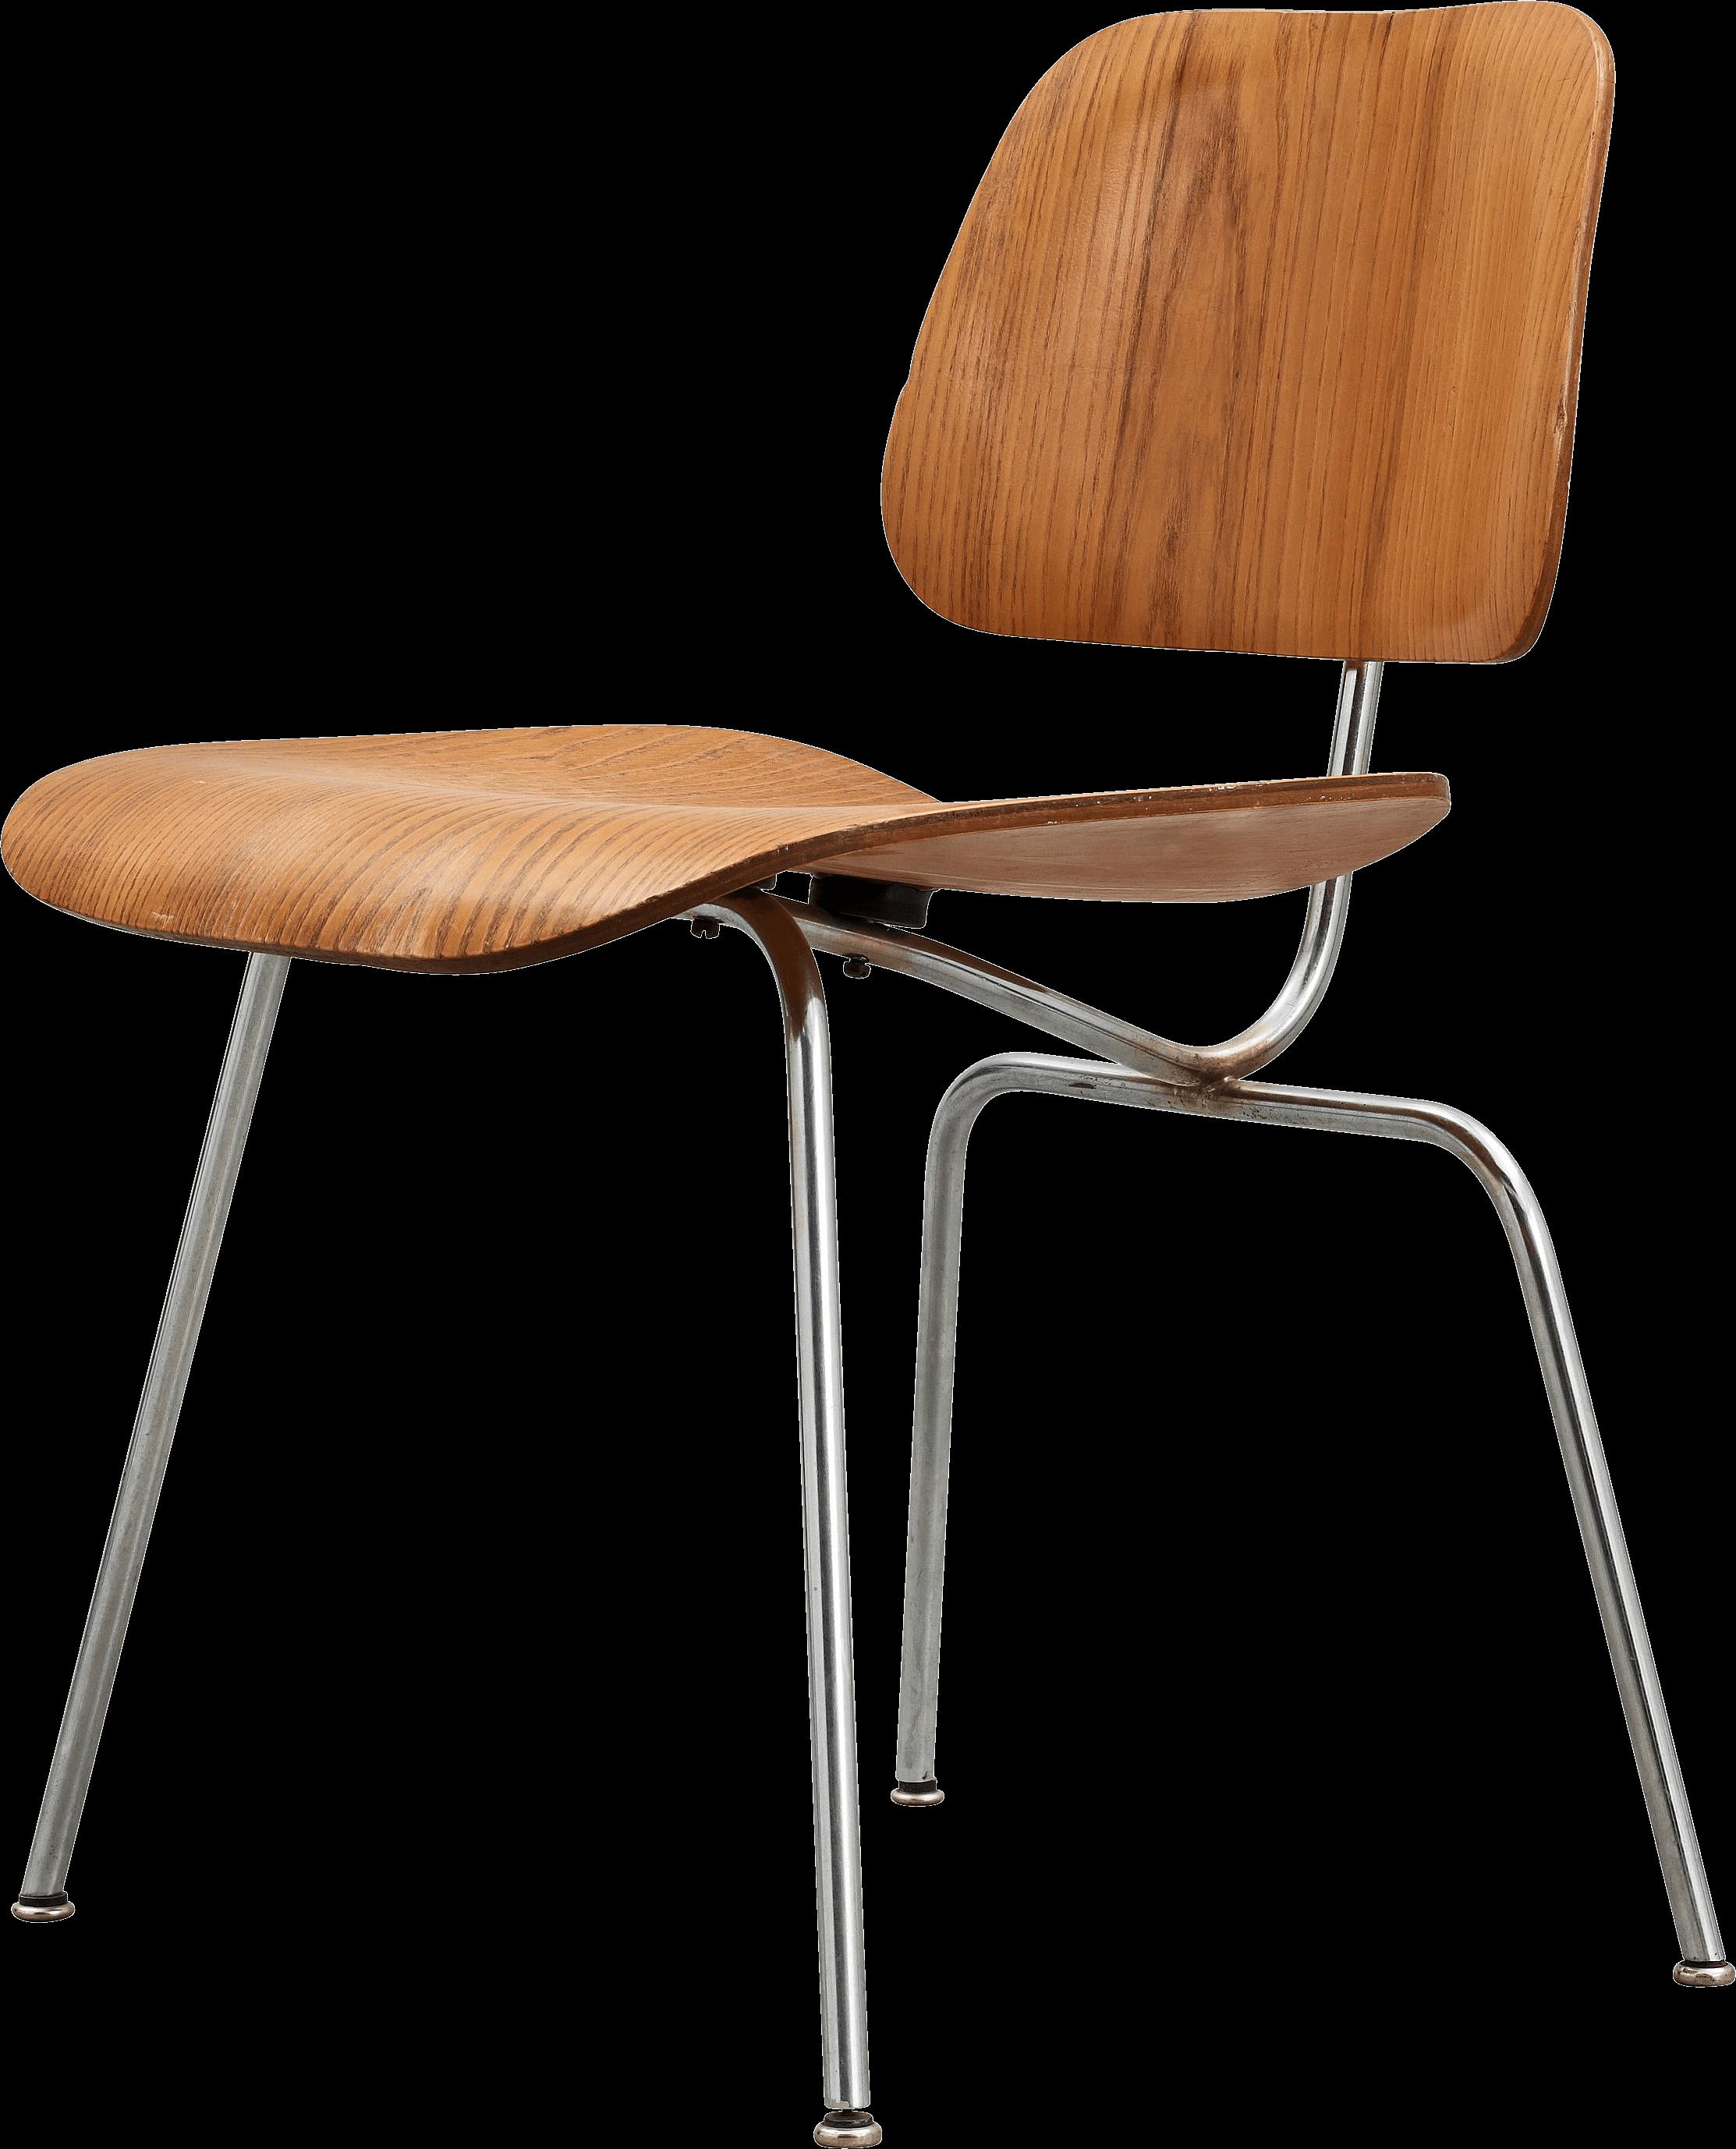 Light Design Chair Transparent PNG StickPNG